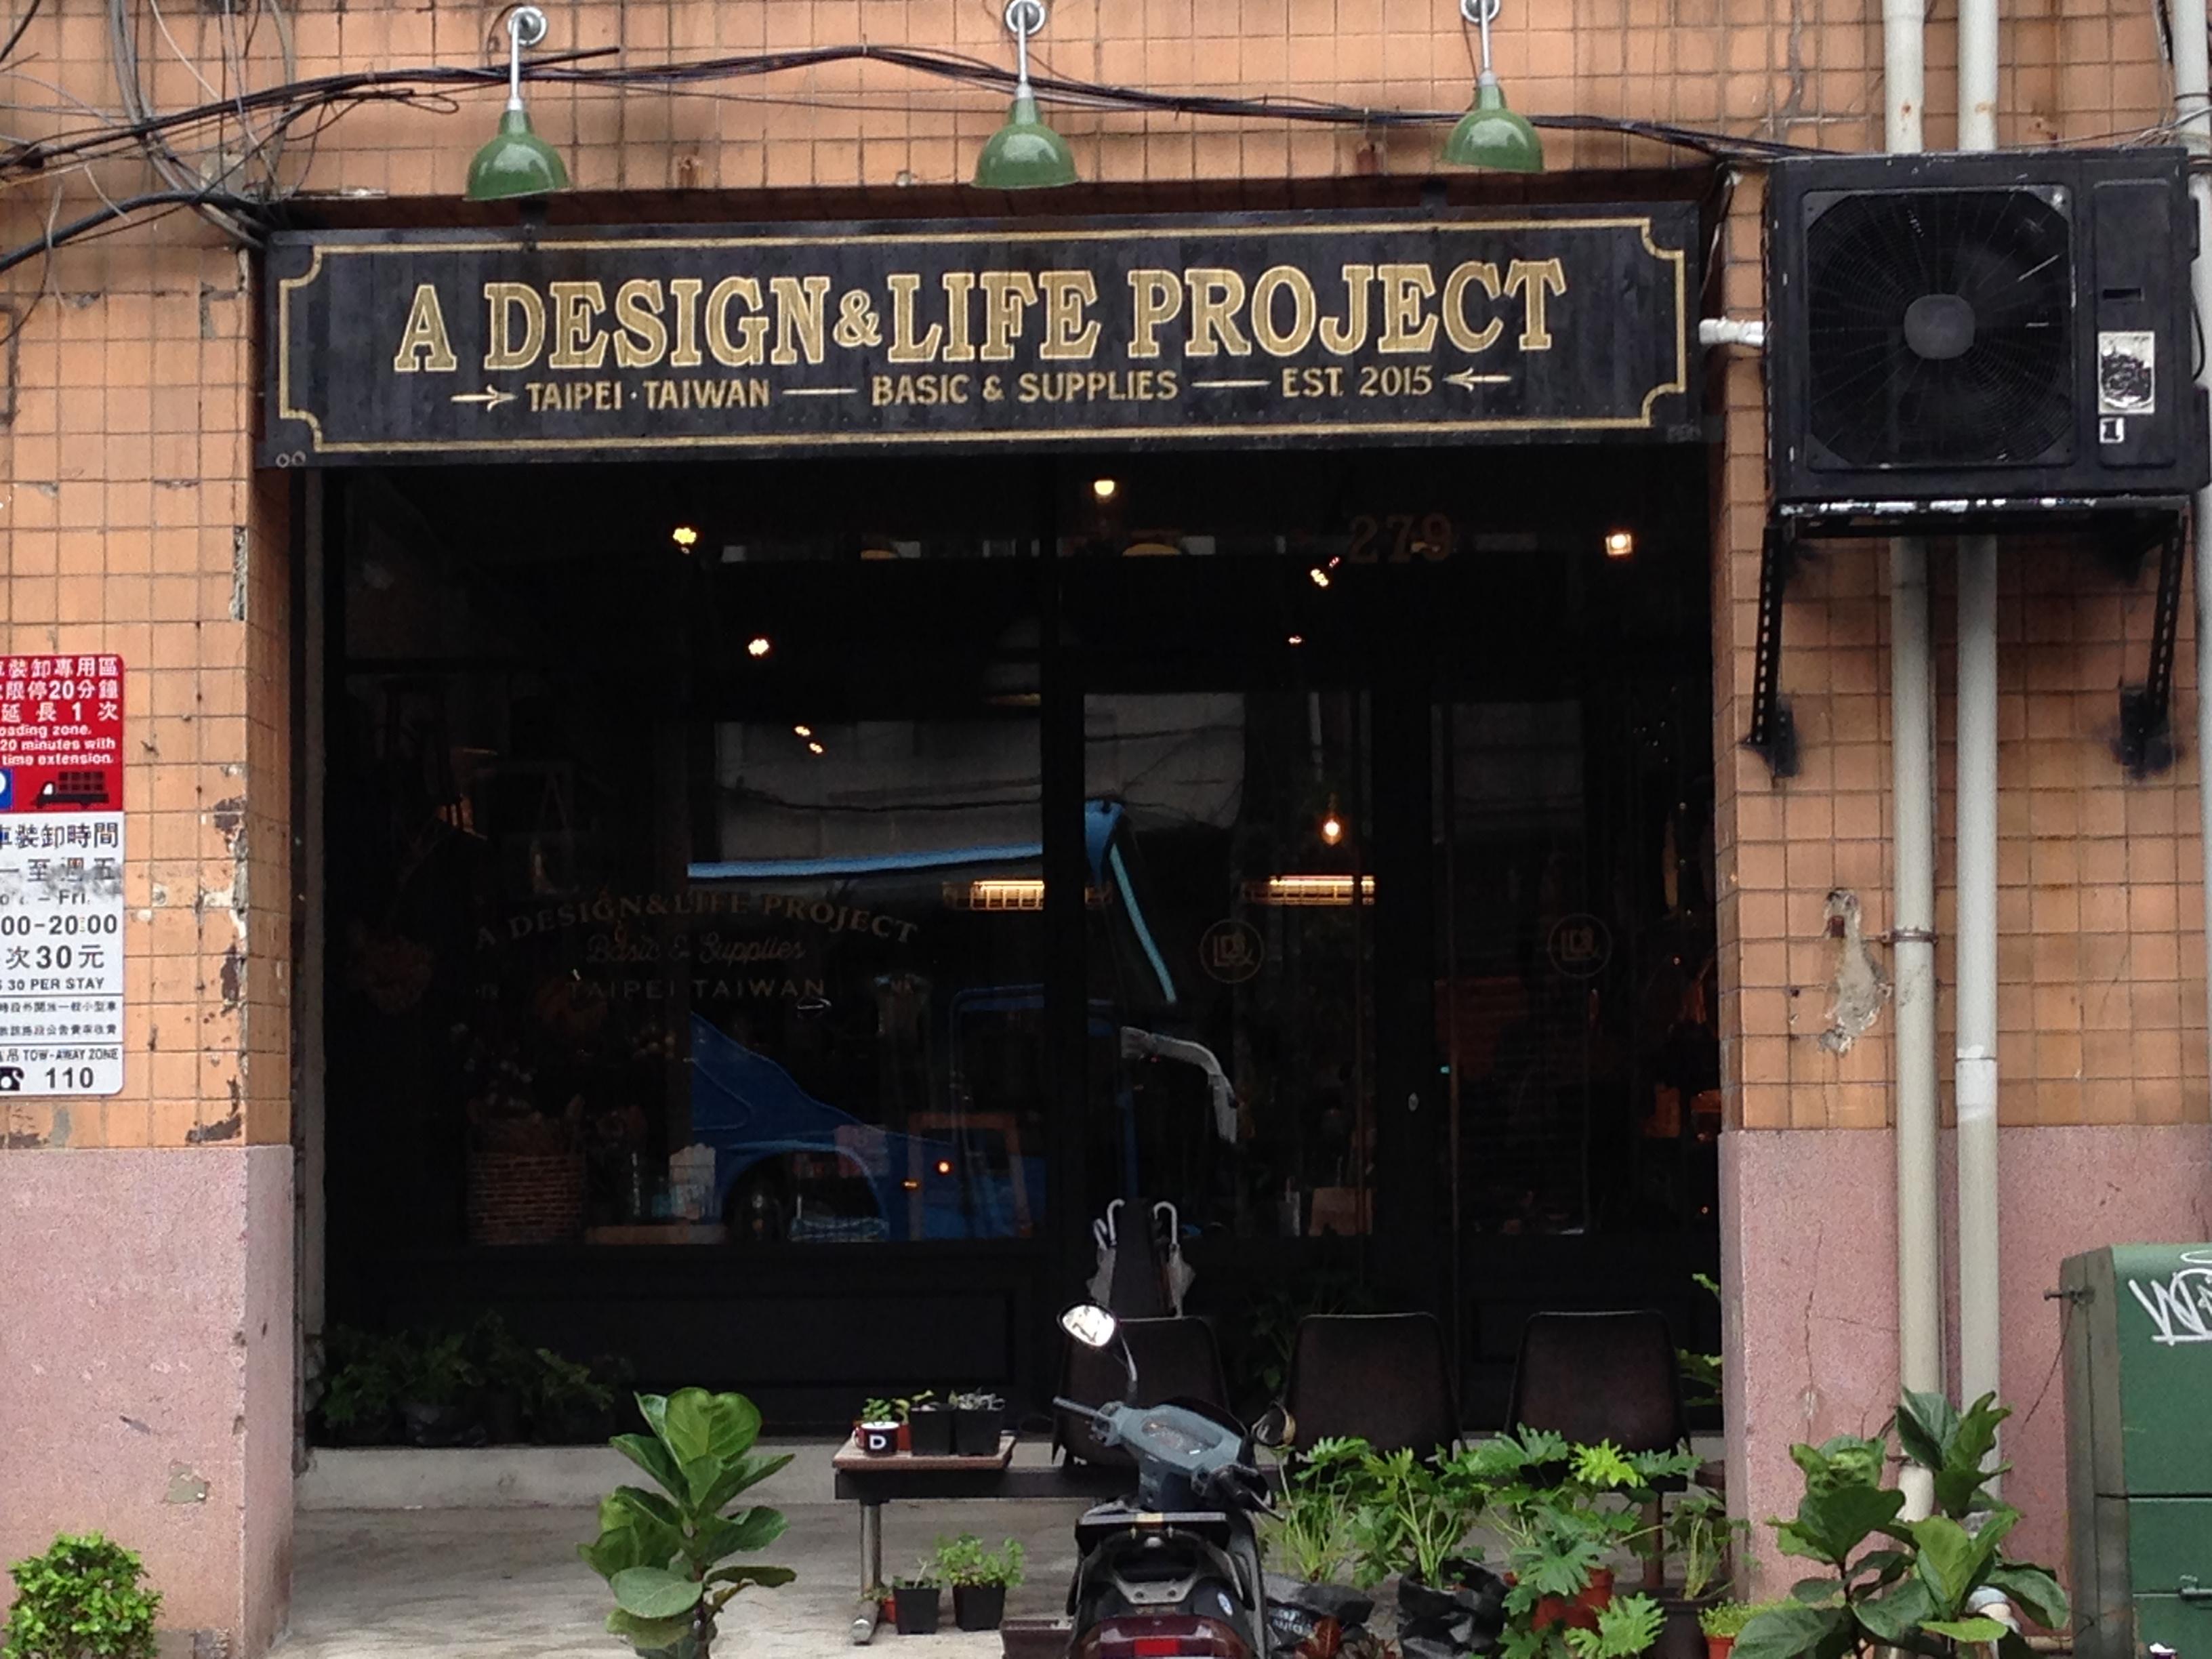 """Taiwan_dangan_ADesignLfeProject_001"""""""""""